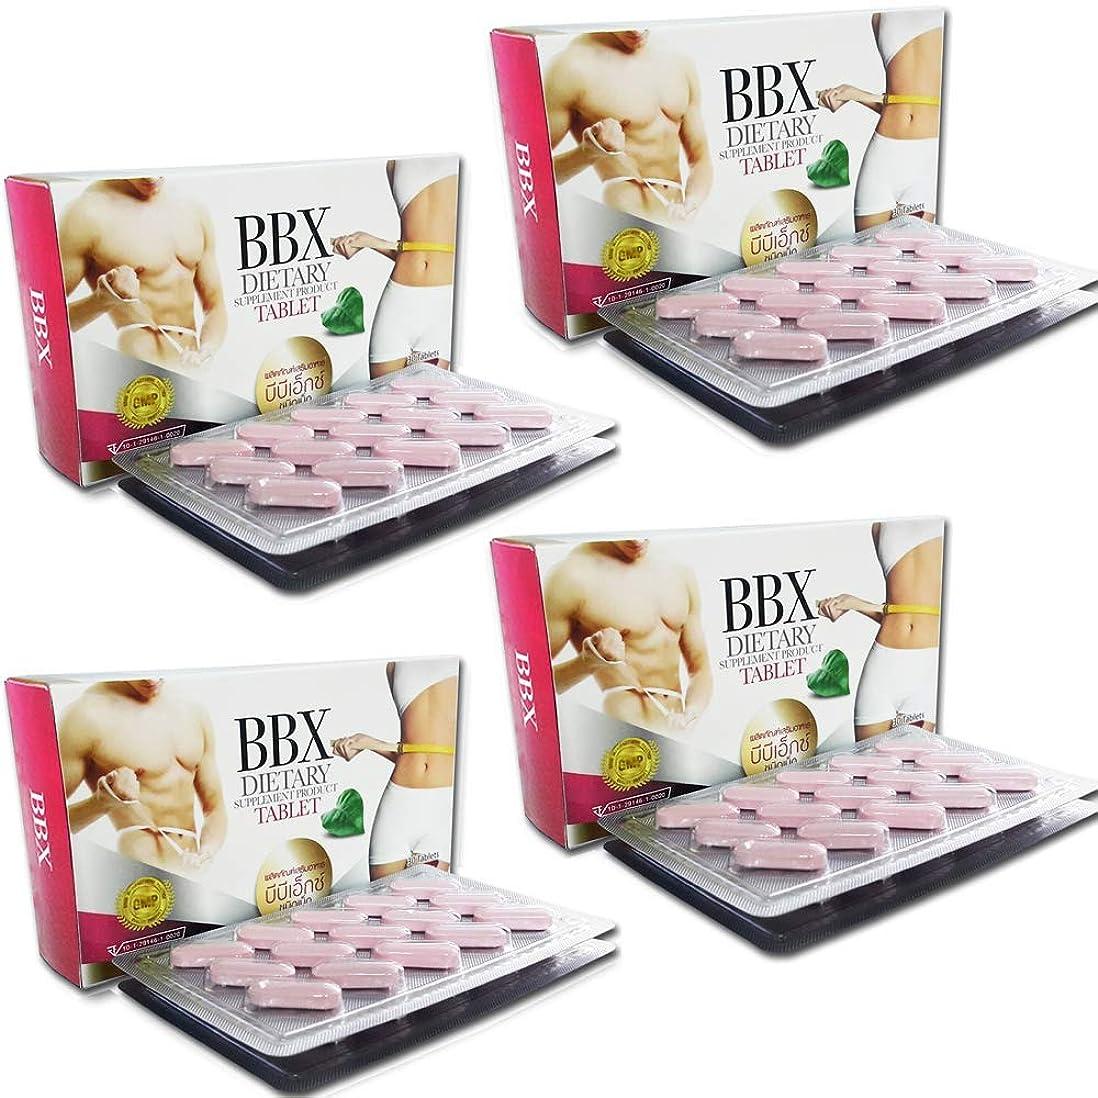 ゲストたまに眠るクリニックや医師が推奨するダイエットサプリBBX 公式パンフレット&説明書付き 4箱合計120錠